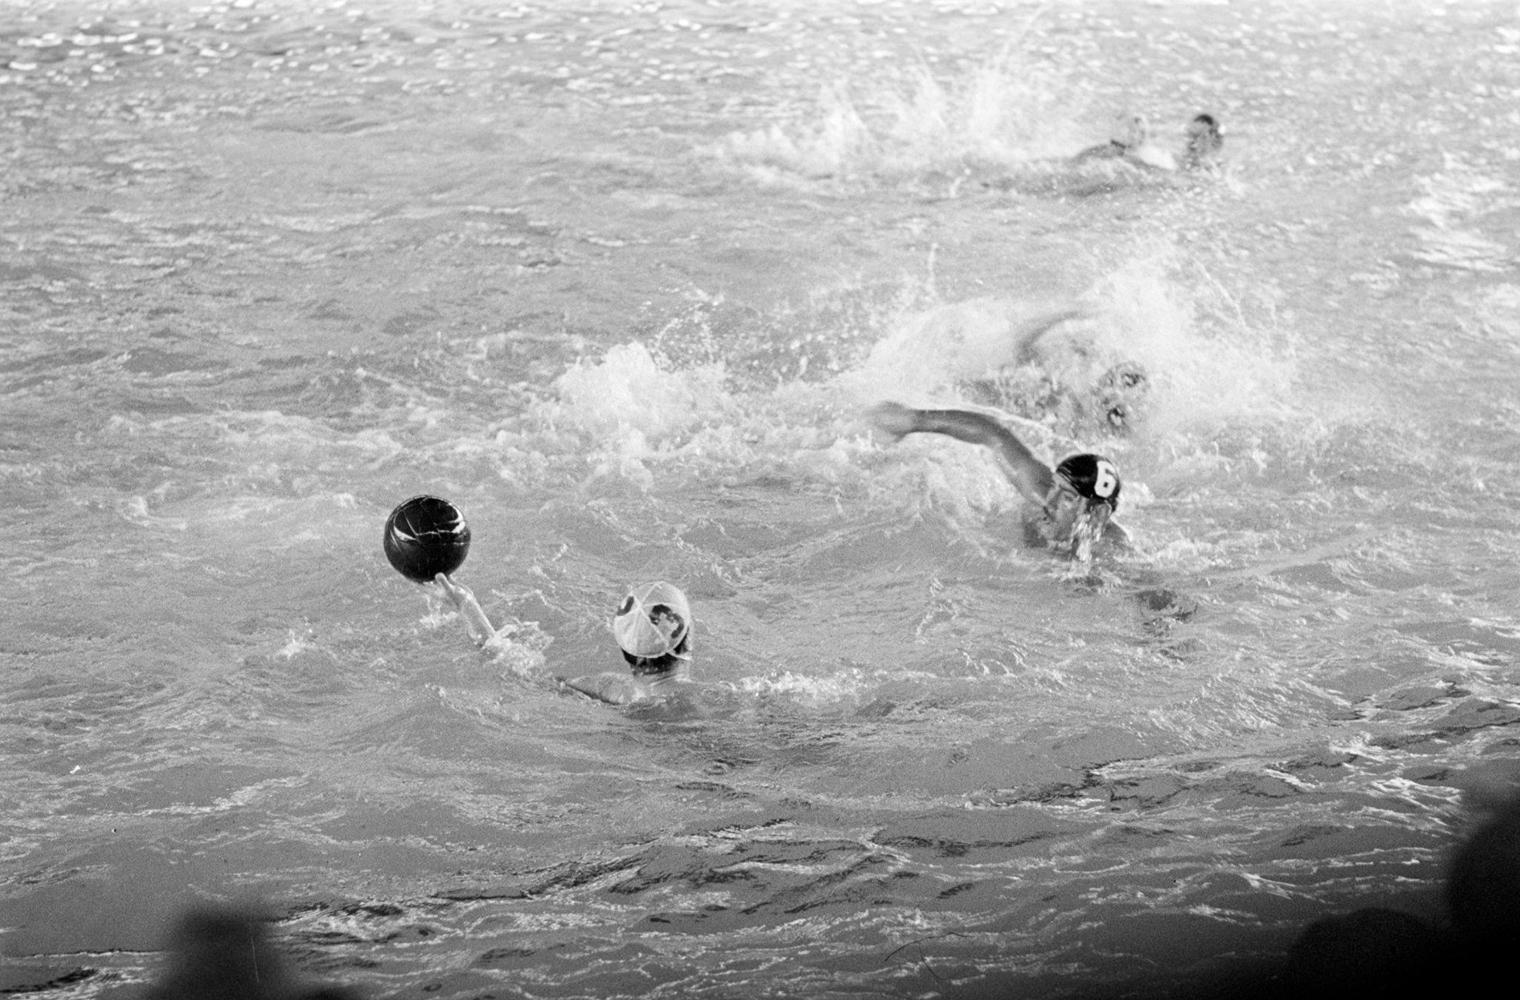 Скандалы на Олимпийских играх. Матч по водному поло «Кровь в бассейне» 1956